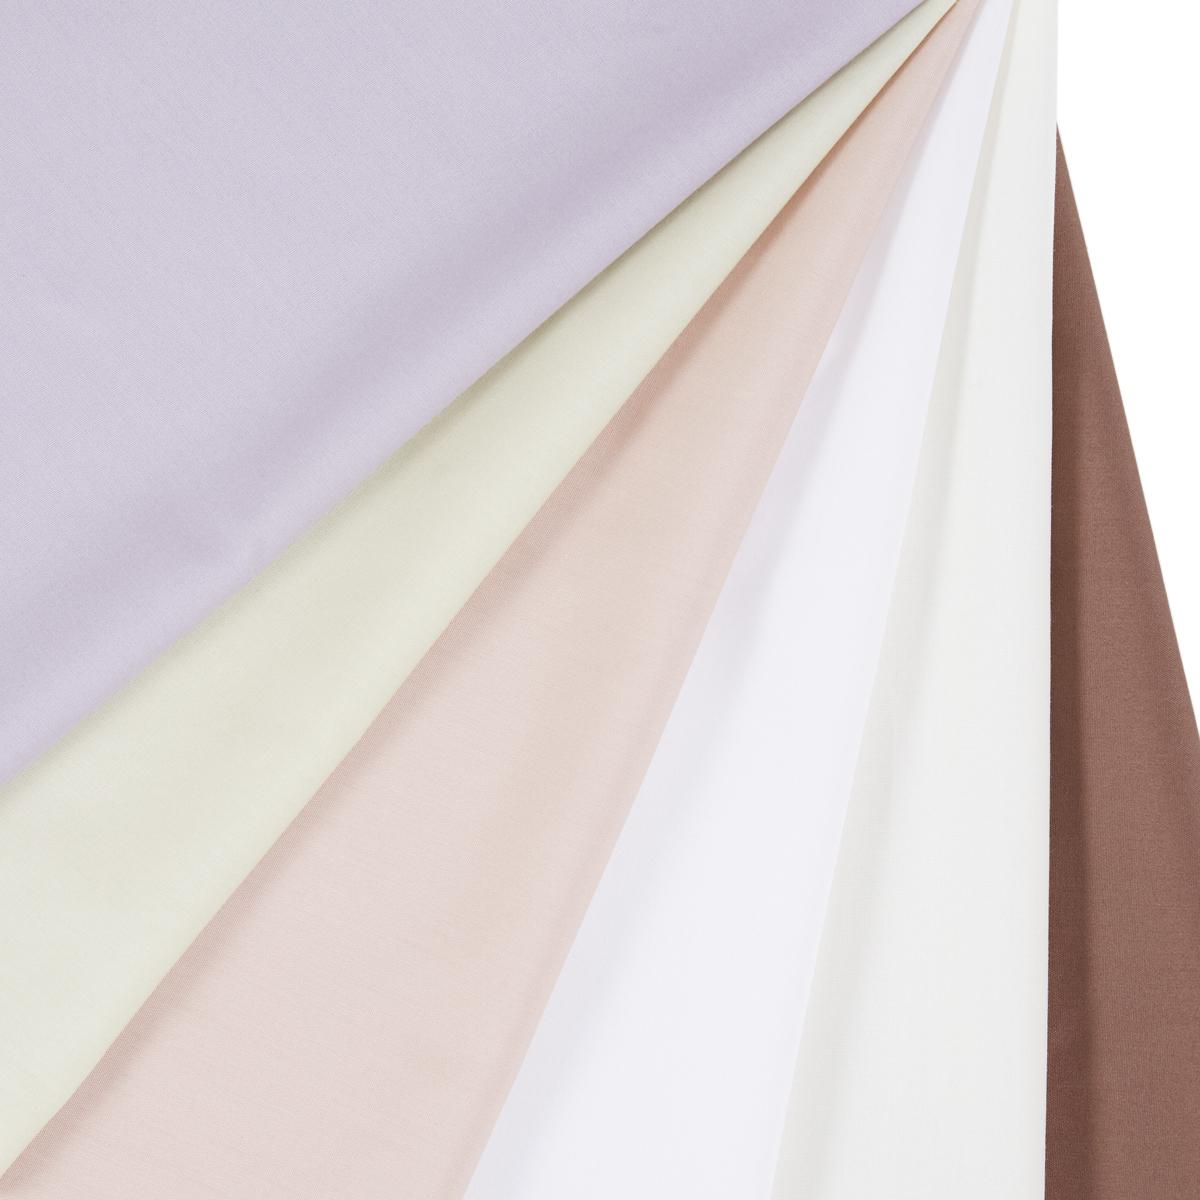 深い眠りを叶えてくれる「羽毛布団」 掛け布団カバー(セミダブルサイズ)  羽毛の保温力を体に伝えてくれる「スーピマコットン」(クラウズ羽毛布団専用)